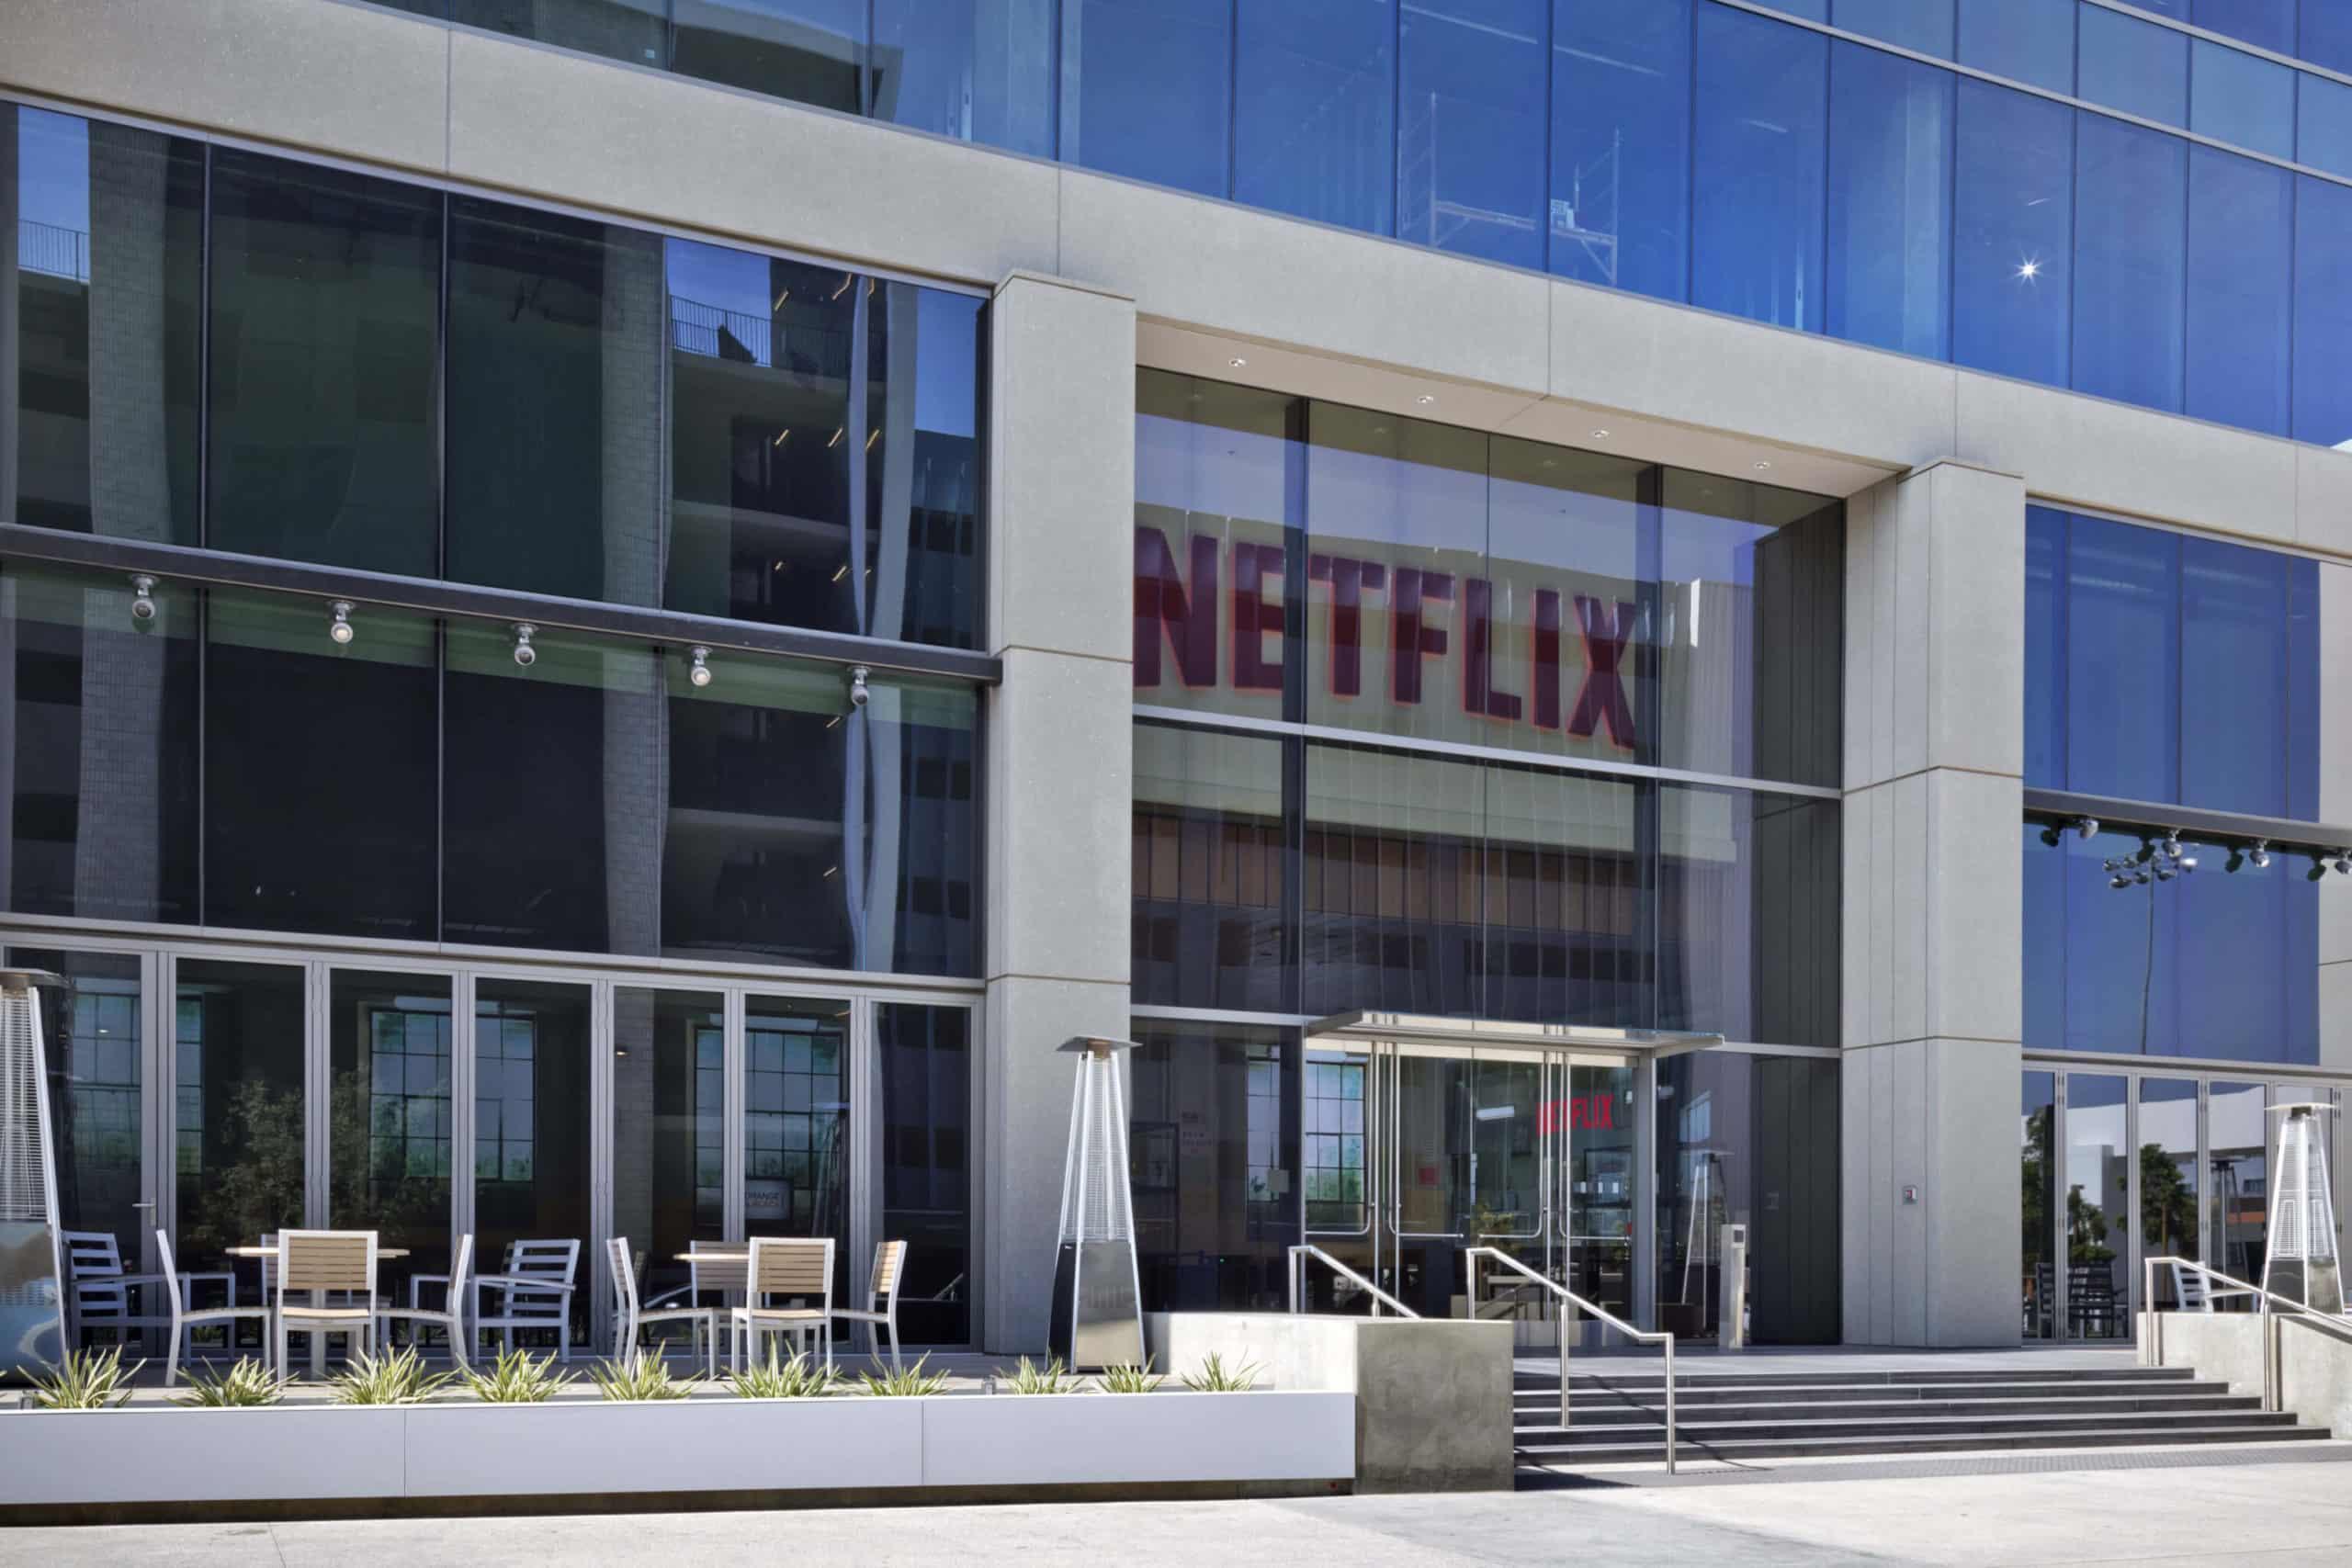 Spannende-Einblicke-Apple-hat-alles-versucht-um-Netflix-in-iTunes-Zahlungssystem-zu-halten